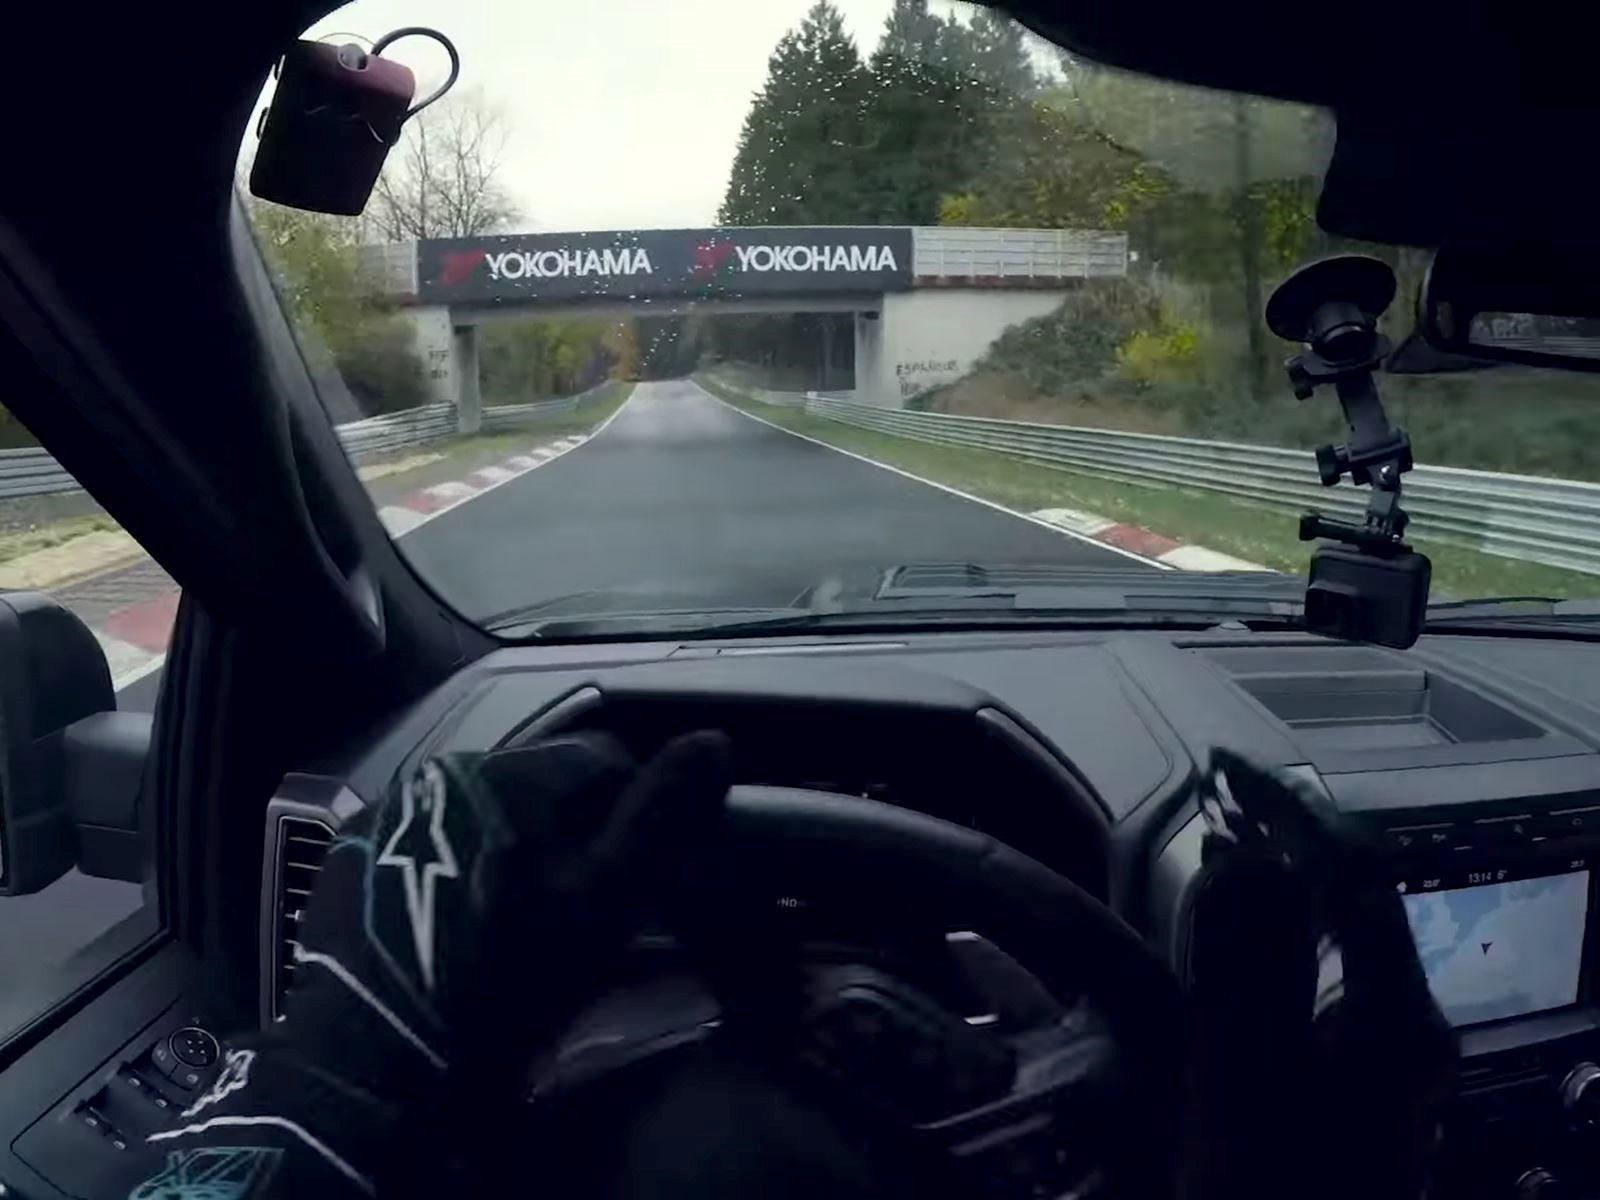 Поэтому он приехал в Германию, чтобы снять одно дрифт-видео с участием его 900-сильного Mustang RTR на Нюрбургринге, но дождь, дождь никак не кончался Но потом он подумал: «Эй, поскольку дрифтить на Мустанге под дождем скучно, давайте поиграем в «Rap